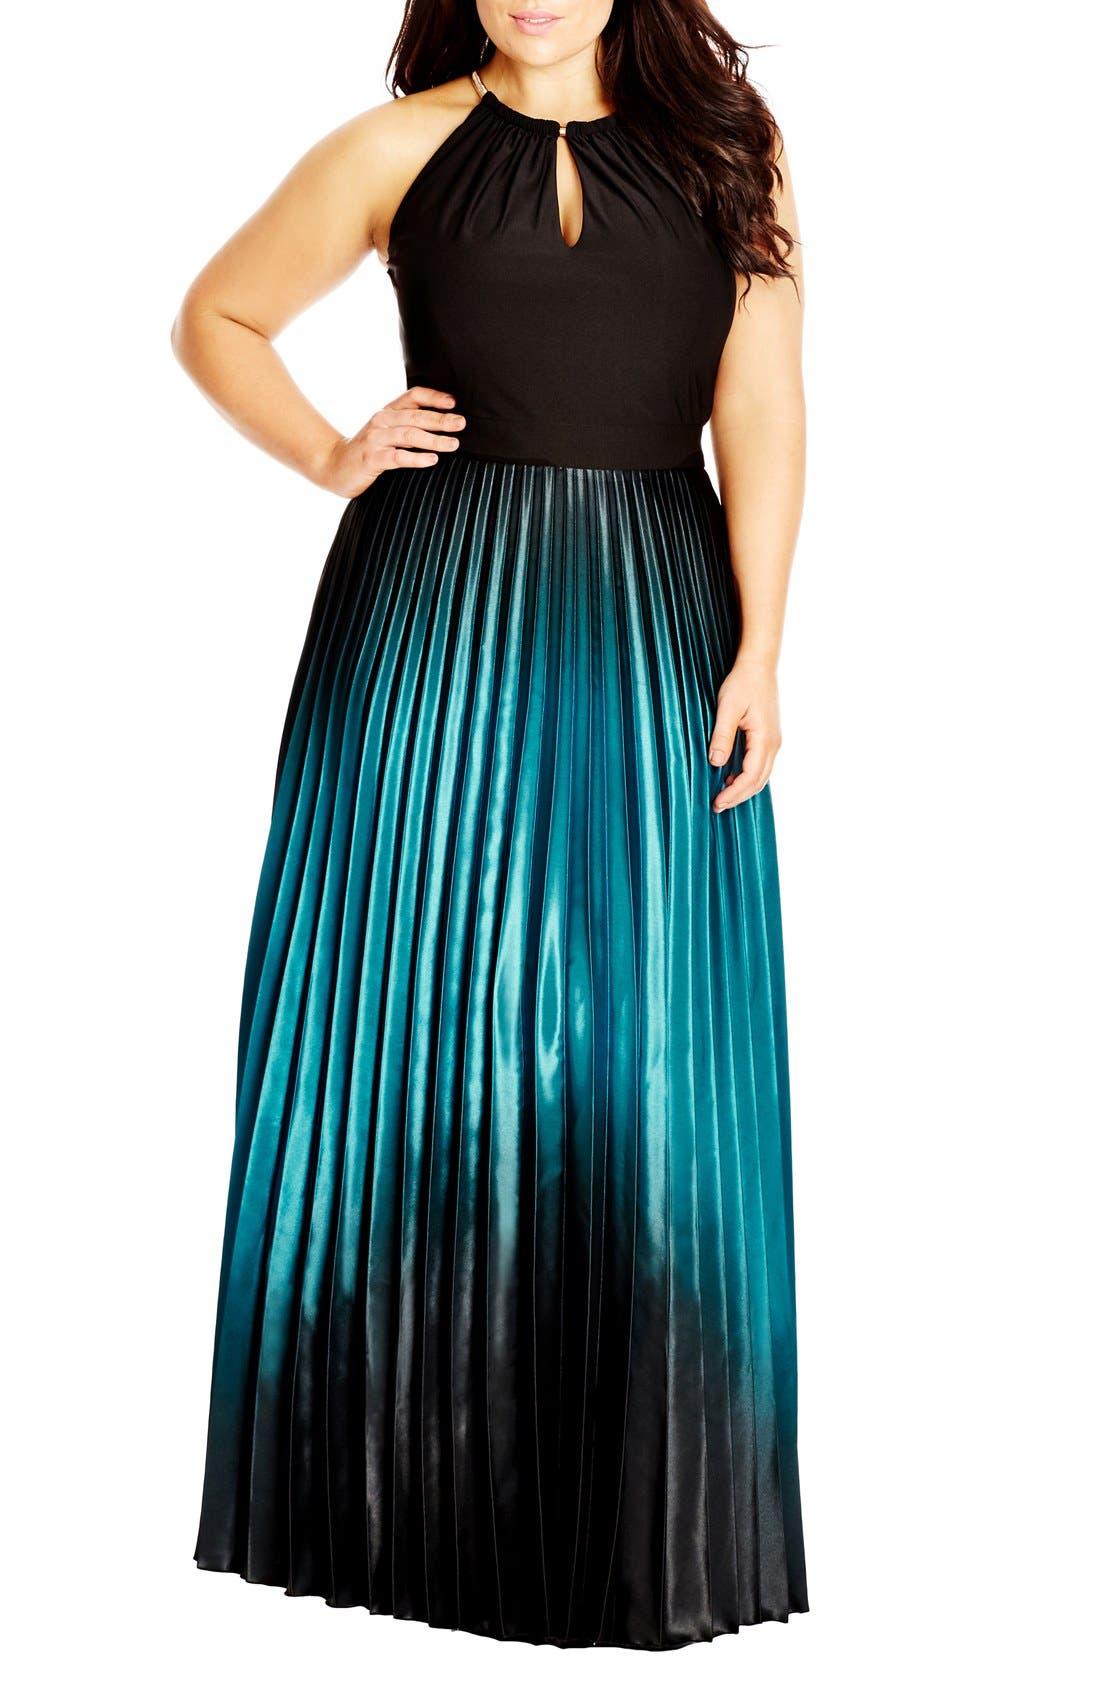 Plus Size City Chic Ombre Keyhole Neck Pleat Maxi Dress